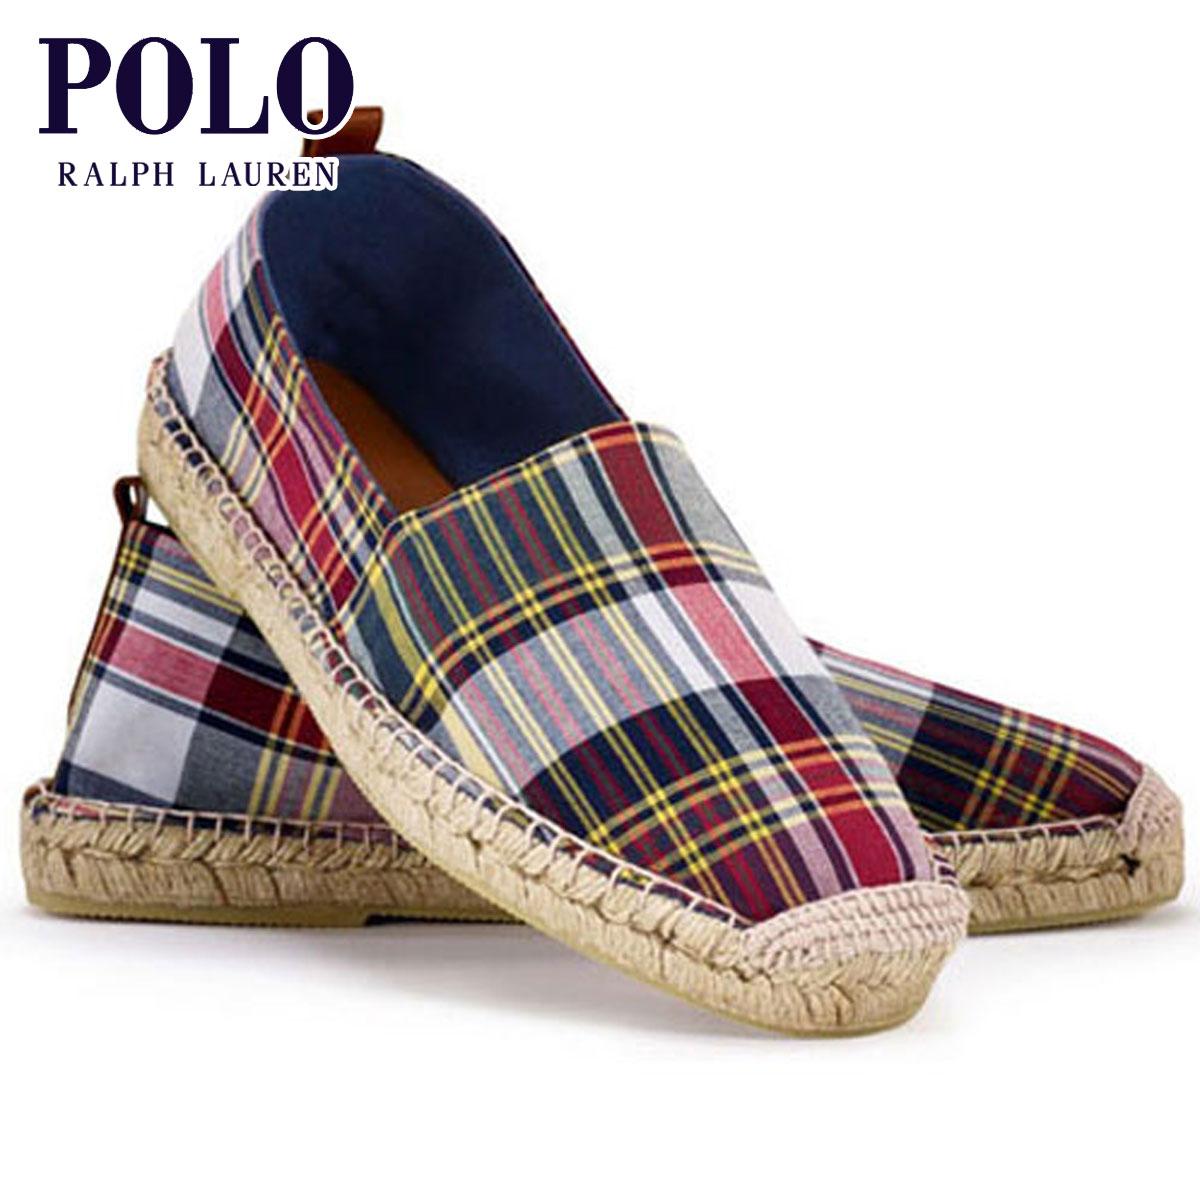 【販売期間 4/2 10:00~4/8 09:59】 ポロ ラルフローレン POLO RALPH LAUREN 正規品 メンズ 靴 シューズ Madras Espadrille D20S30